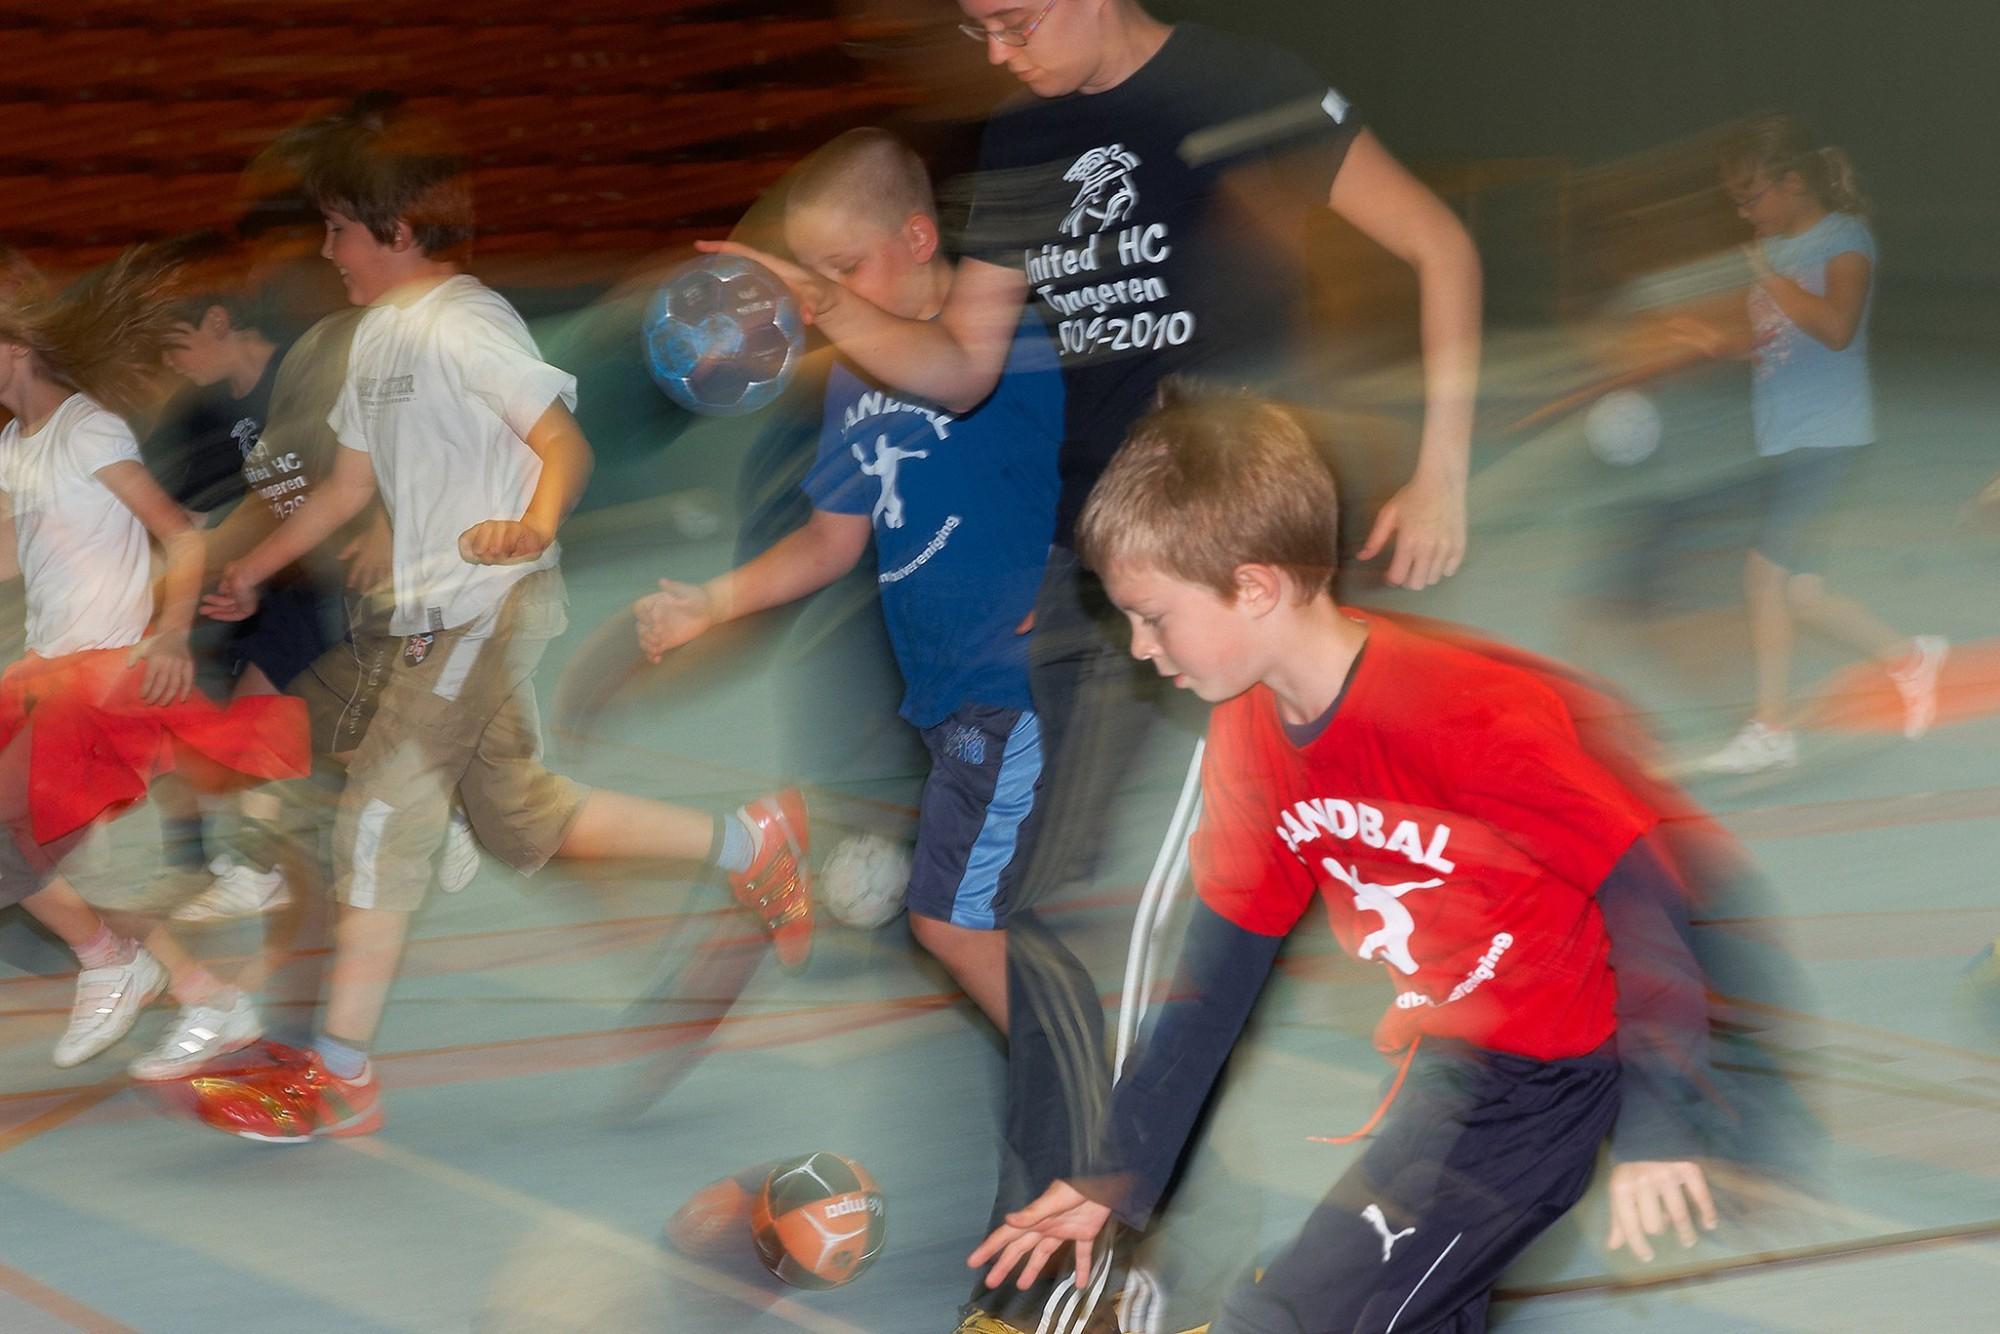 Afbeelding: Bedrijfsreportage fotografie voor Sportoase, training handbal sport grote zaal Tongeren.